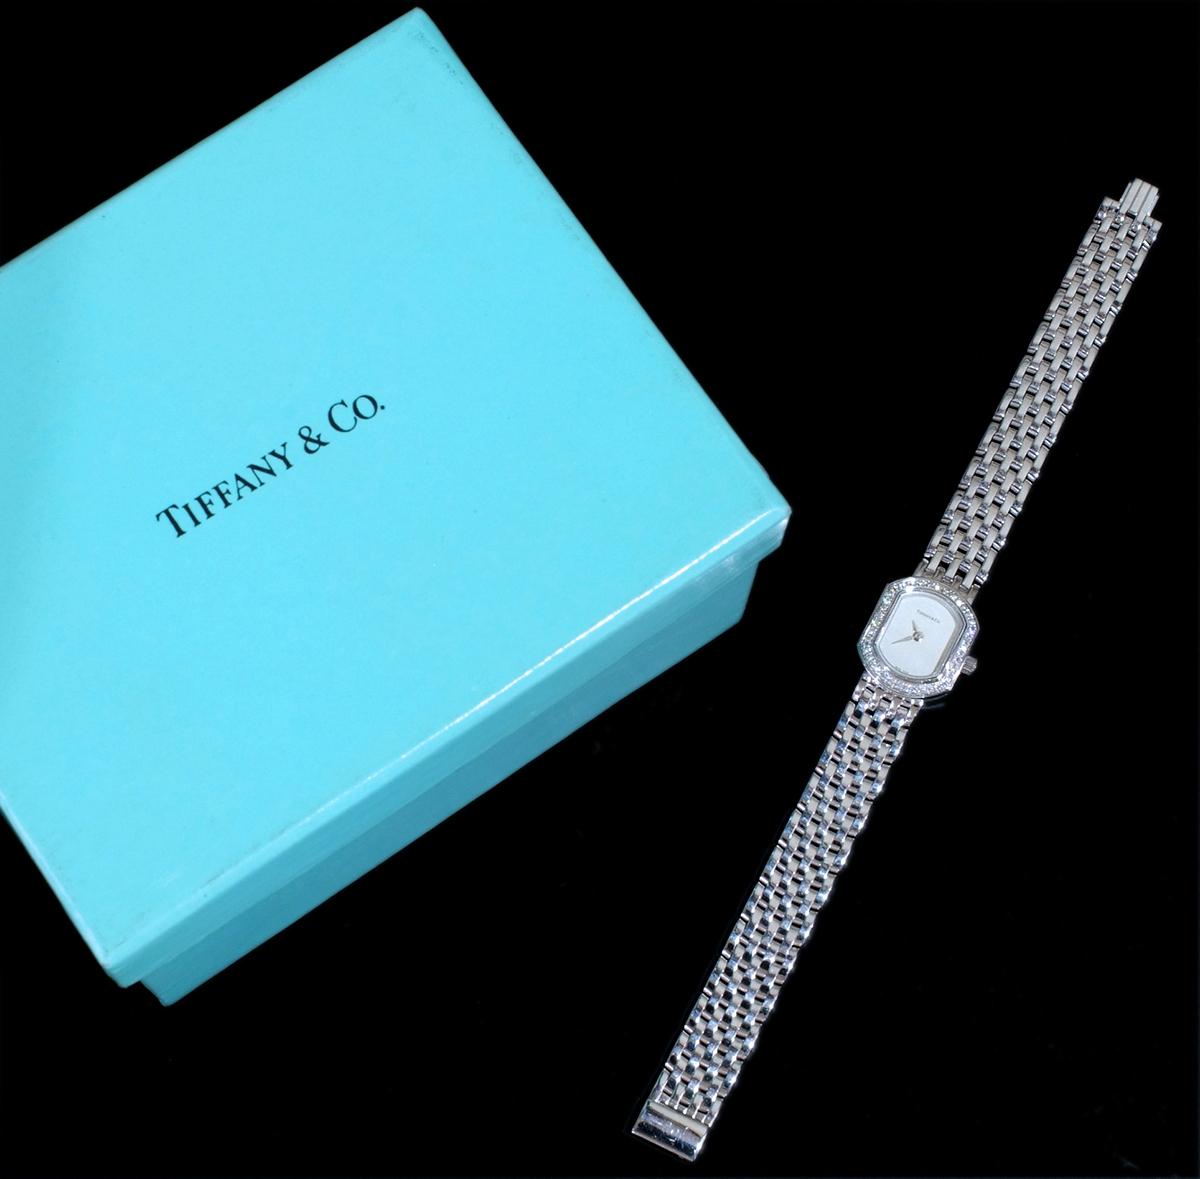 E8391【Tiffany&Co. 1837】ティファニー マーククーペ 純正ダイヤモンド 最高級18金WG無垢レディQZ 腕周り17cm 重量63.81g ケース幅16.7mm_画像3